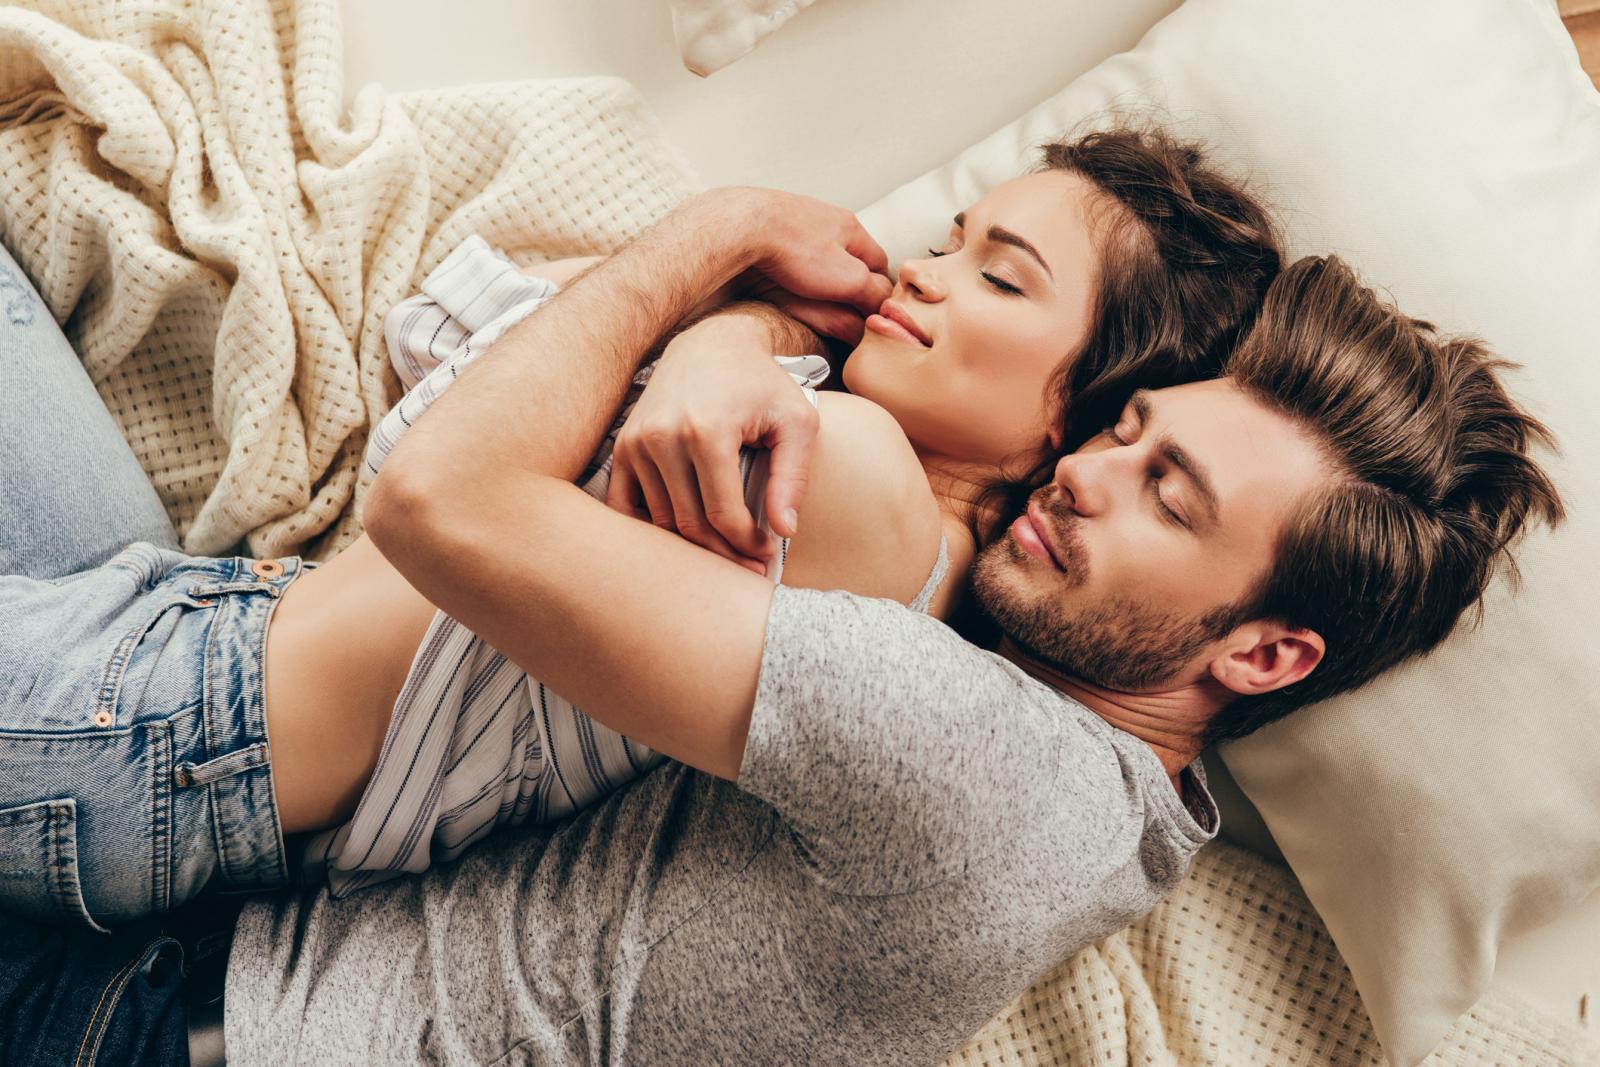 Miris lavande može umiriti vaš um i tijelo te vam može pomoći da se opustite.